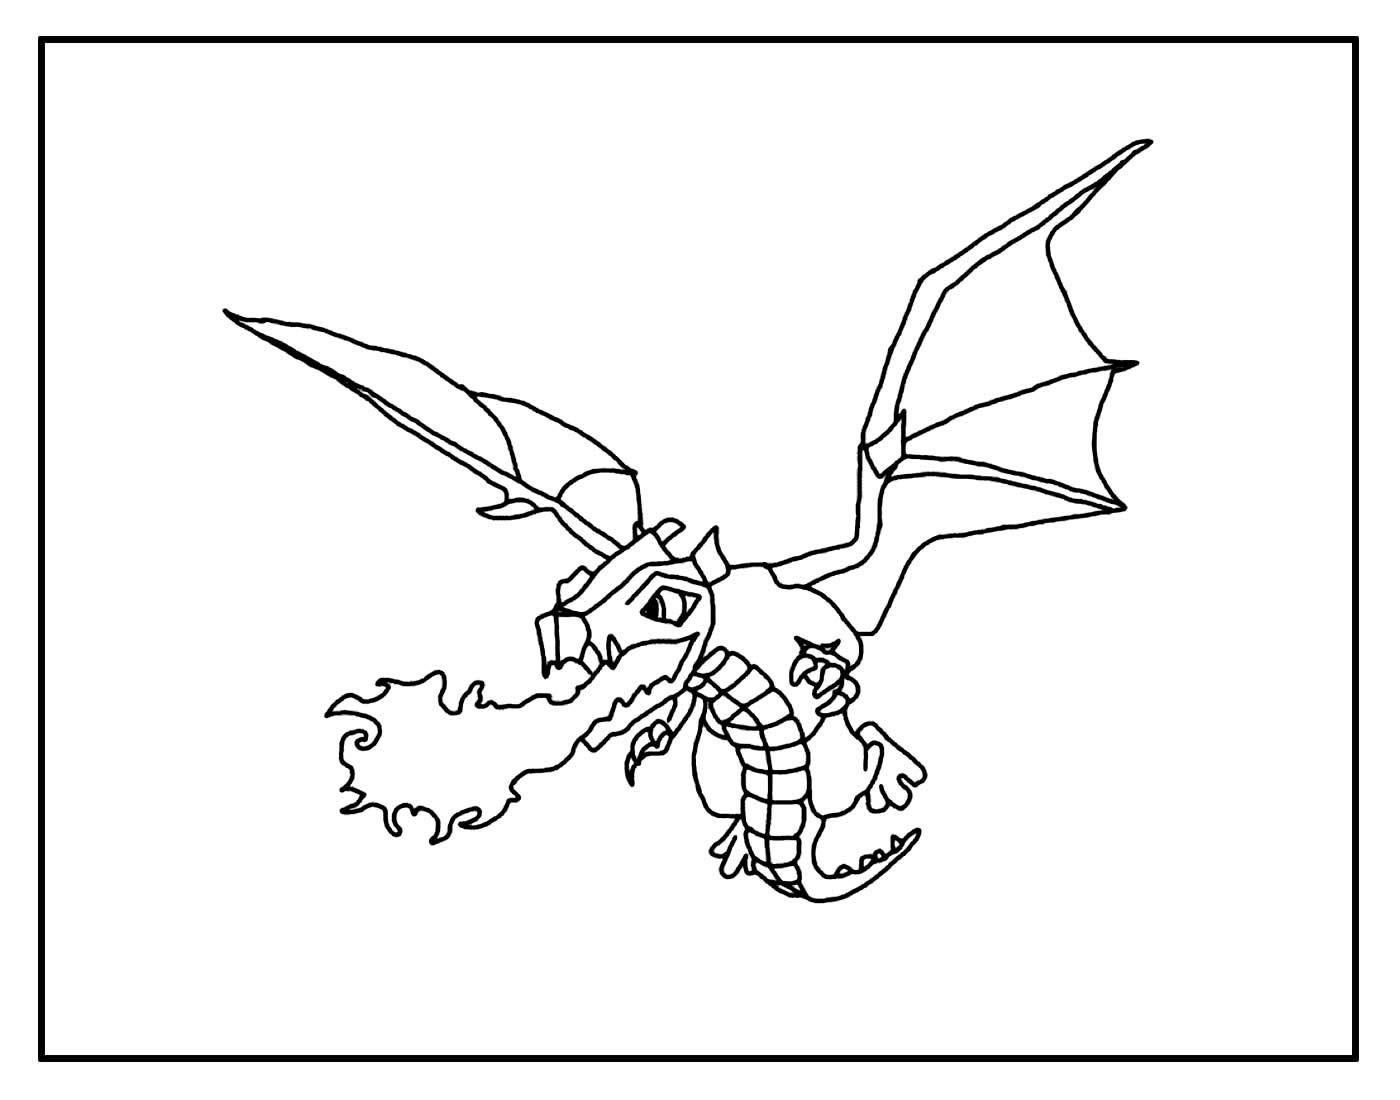 Desenho para colorir de Dragão - Clash of Clans